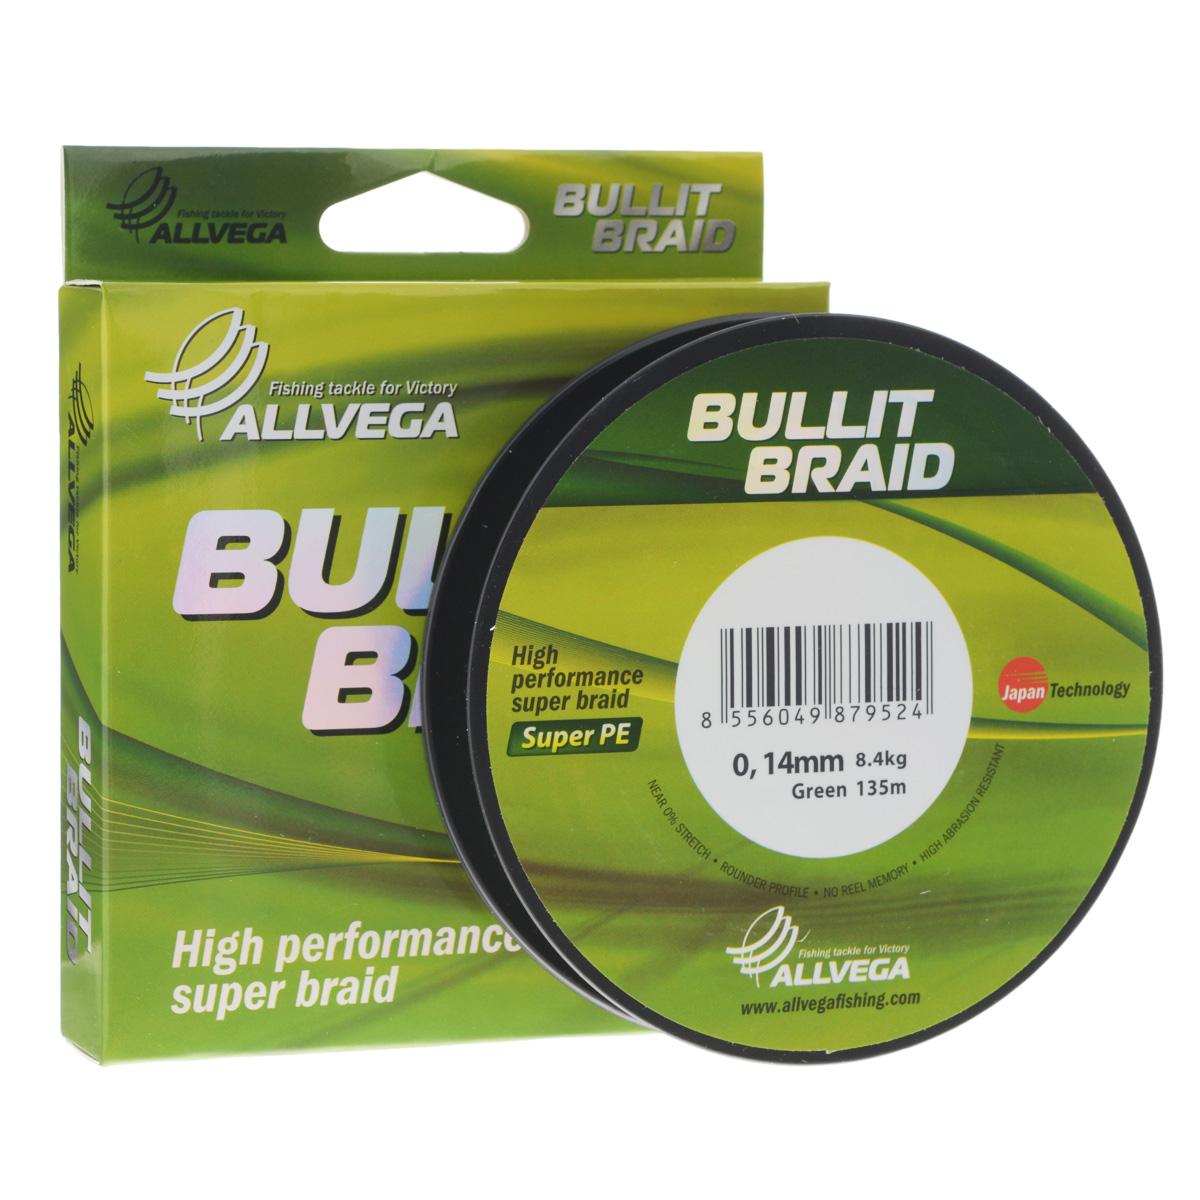 Леска плетеная Allvega Bullit Braid, цвет: темно-зеленый, 135 м, 0,14 мм, 8,4 кг21441Леска Allvega Bullit Braid с гладкой поверхностью и одинаковым сечением по всей длине обладает высокой износостойкостью. Благодаря микроволокнам полиэтилена (Super PE) леска имеет очень плотное плетение и не впитывает воду. Леску Allvega Bullit Braid можно применять в любых типах водоемов. Особенности: повышенная износостойкость; высокая чувствительность - коэффициент растяжения близок к нулю; отсутствует память; идеально гладкая поверхность позволяет увеличить дальность забросов; высокая прочность шнура на узлах.